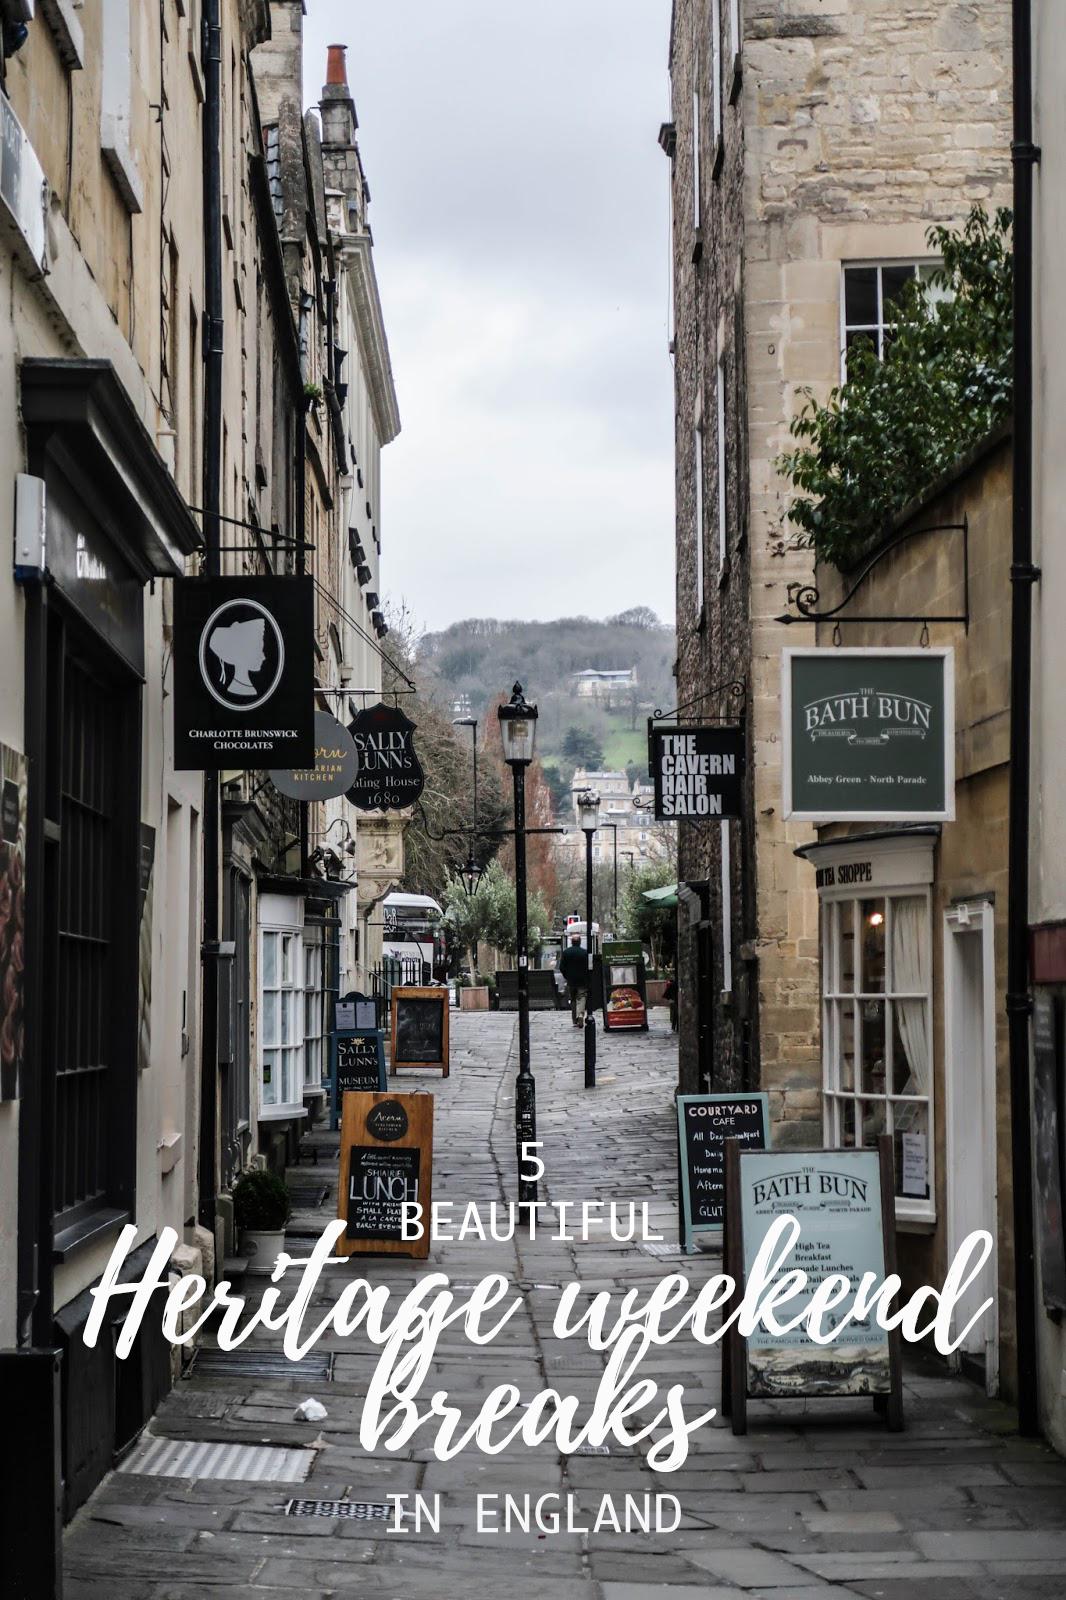 5 beautiful heritage weekend breaks in England